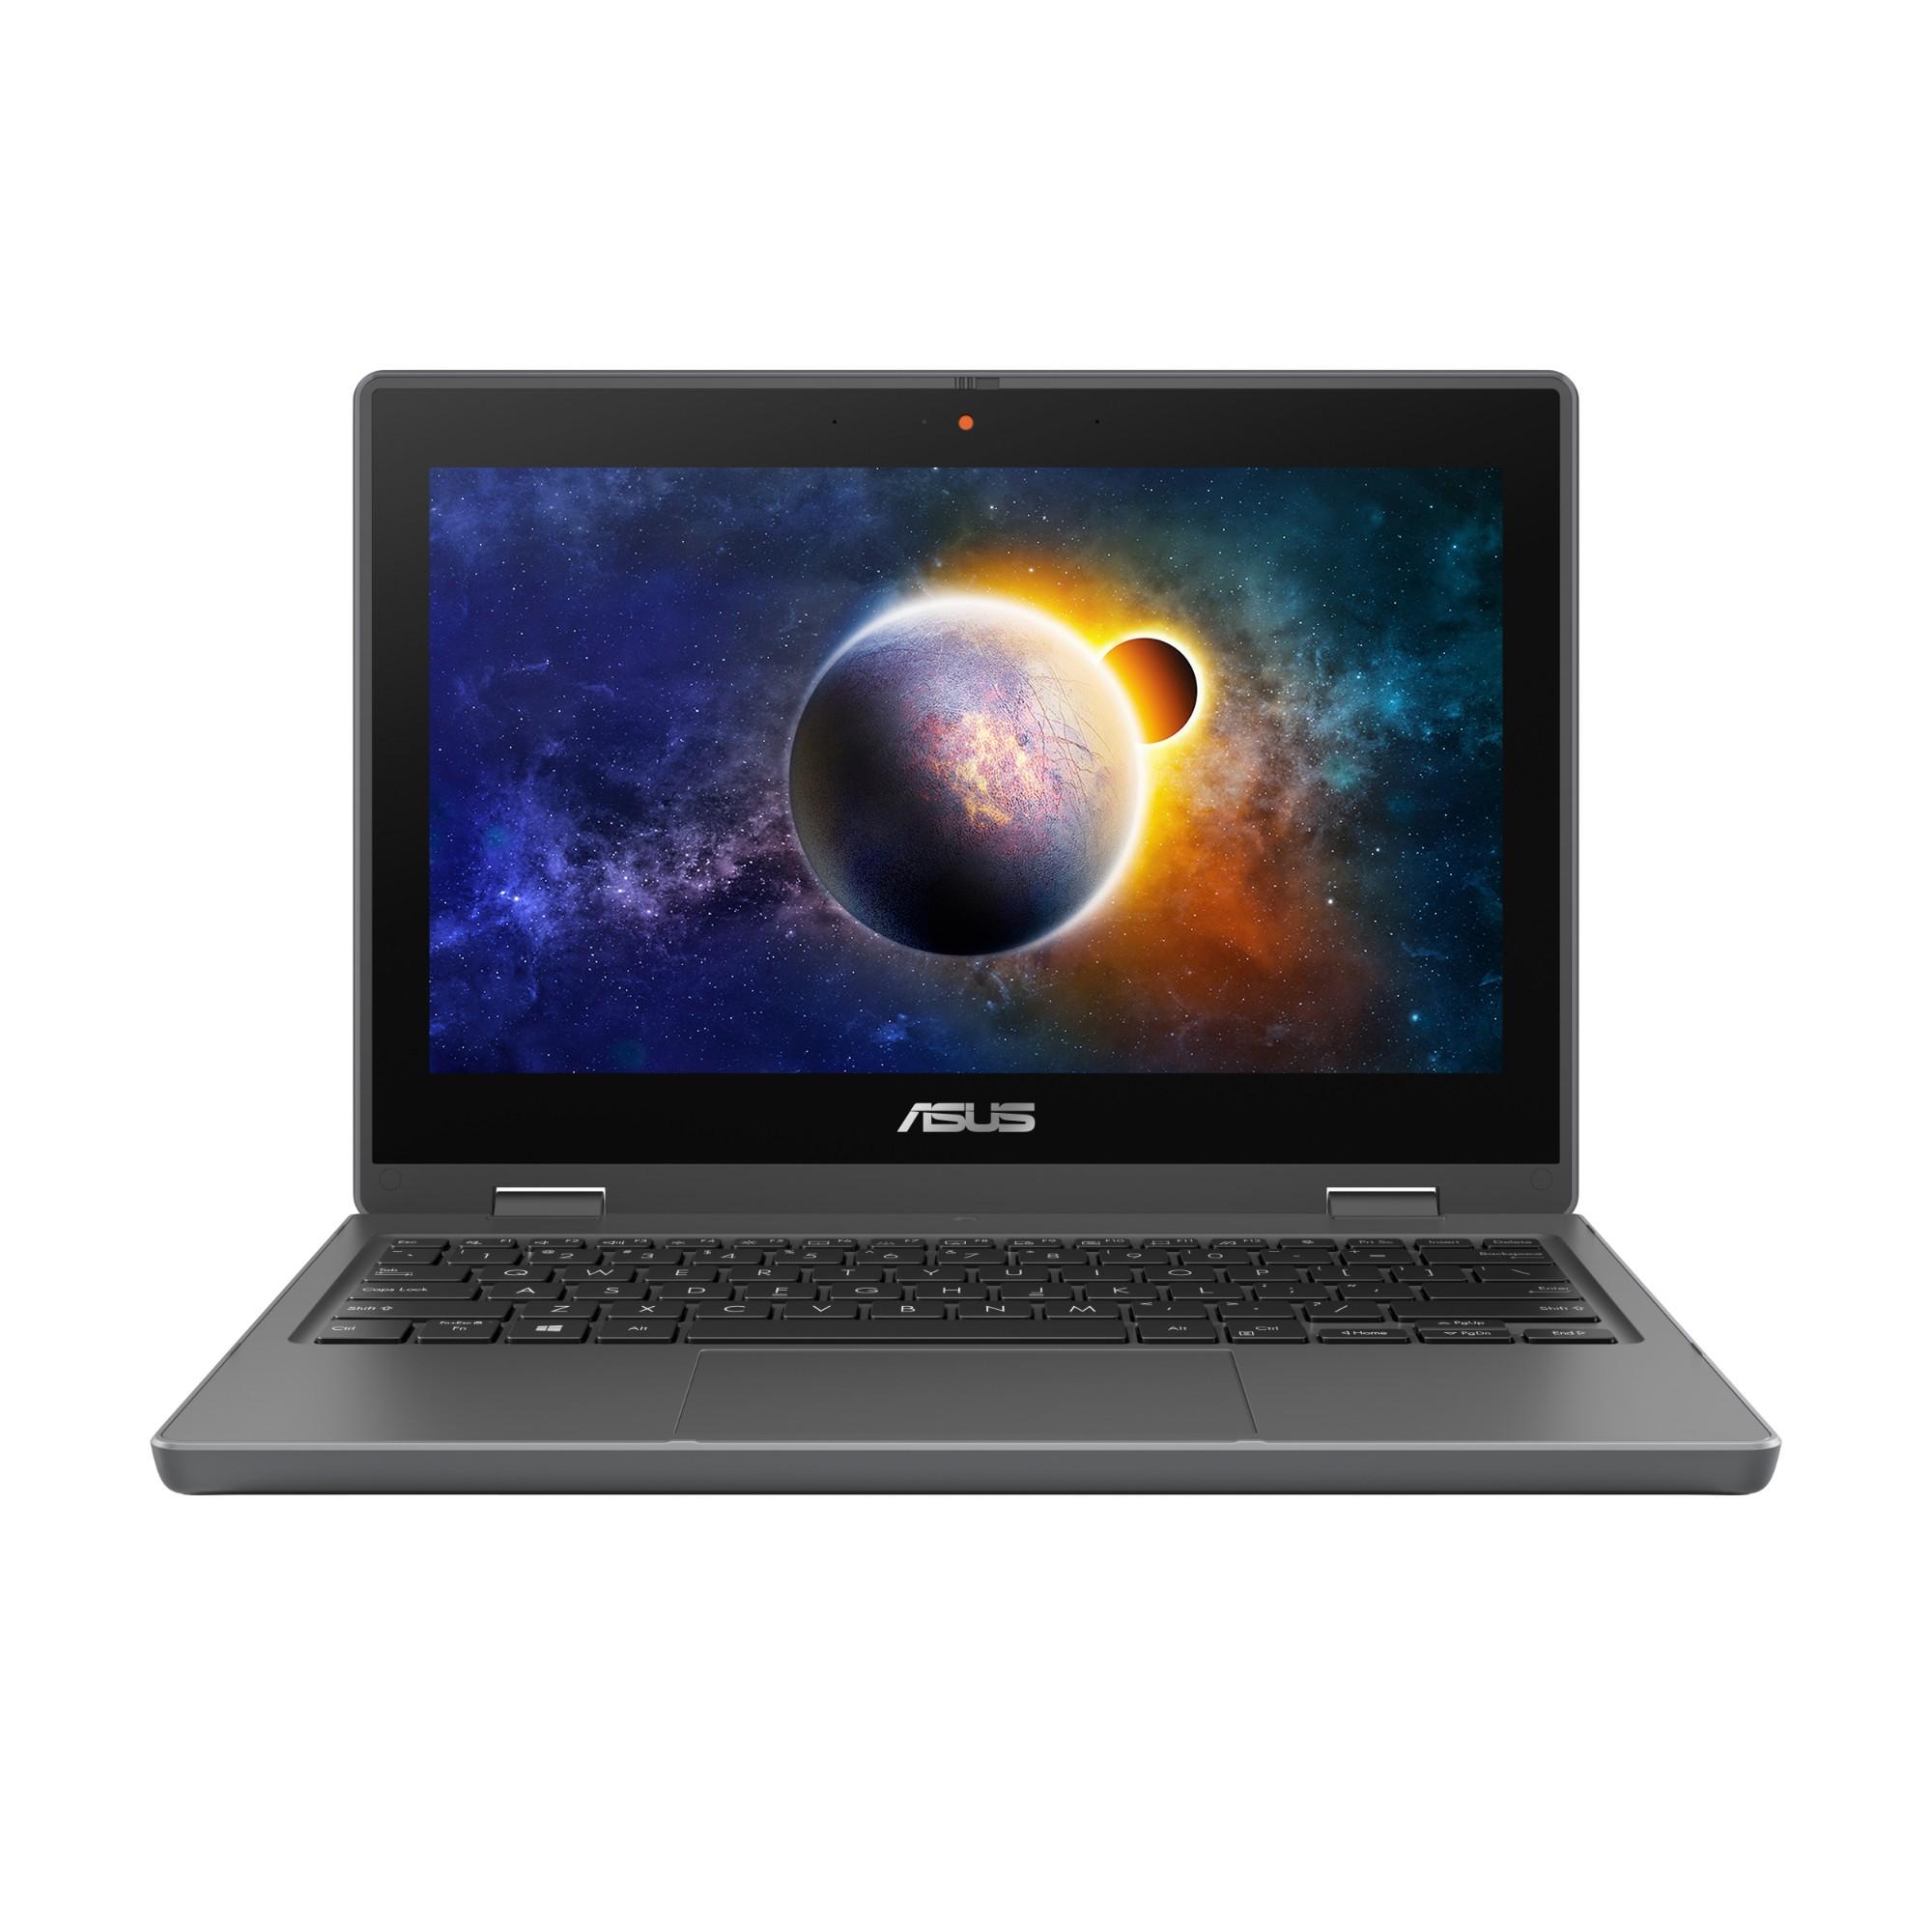 """ASUS BR1100FKA-BP0428RA-3Y DDR4-SDRAM Hybrid (2-in-1) 29.5 cm (11.6"""") 1366 x 768 pixels Touchscreen Intel® Celeron® N 4 GB 64 GB eMMC Wi-Fi 5 (802.11ac) Windows 10 Pro Grey"""